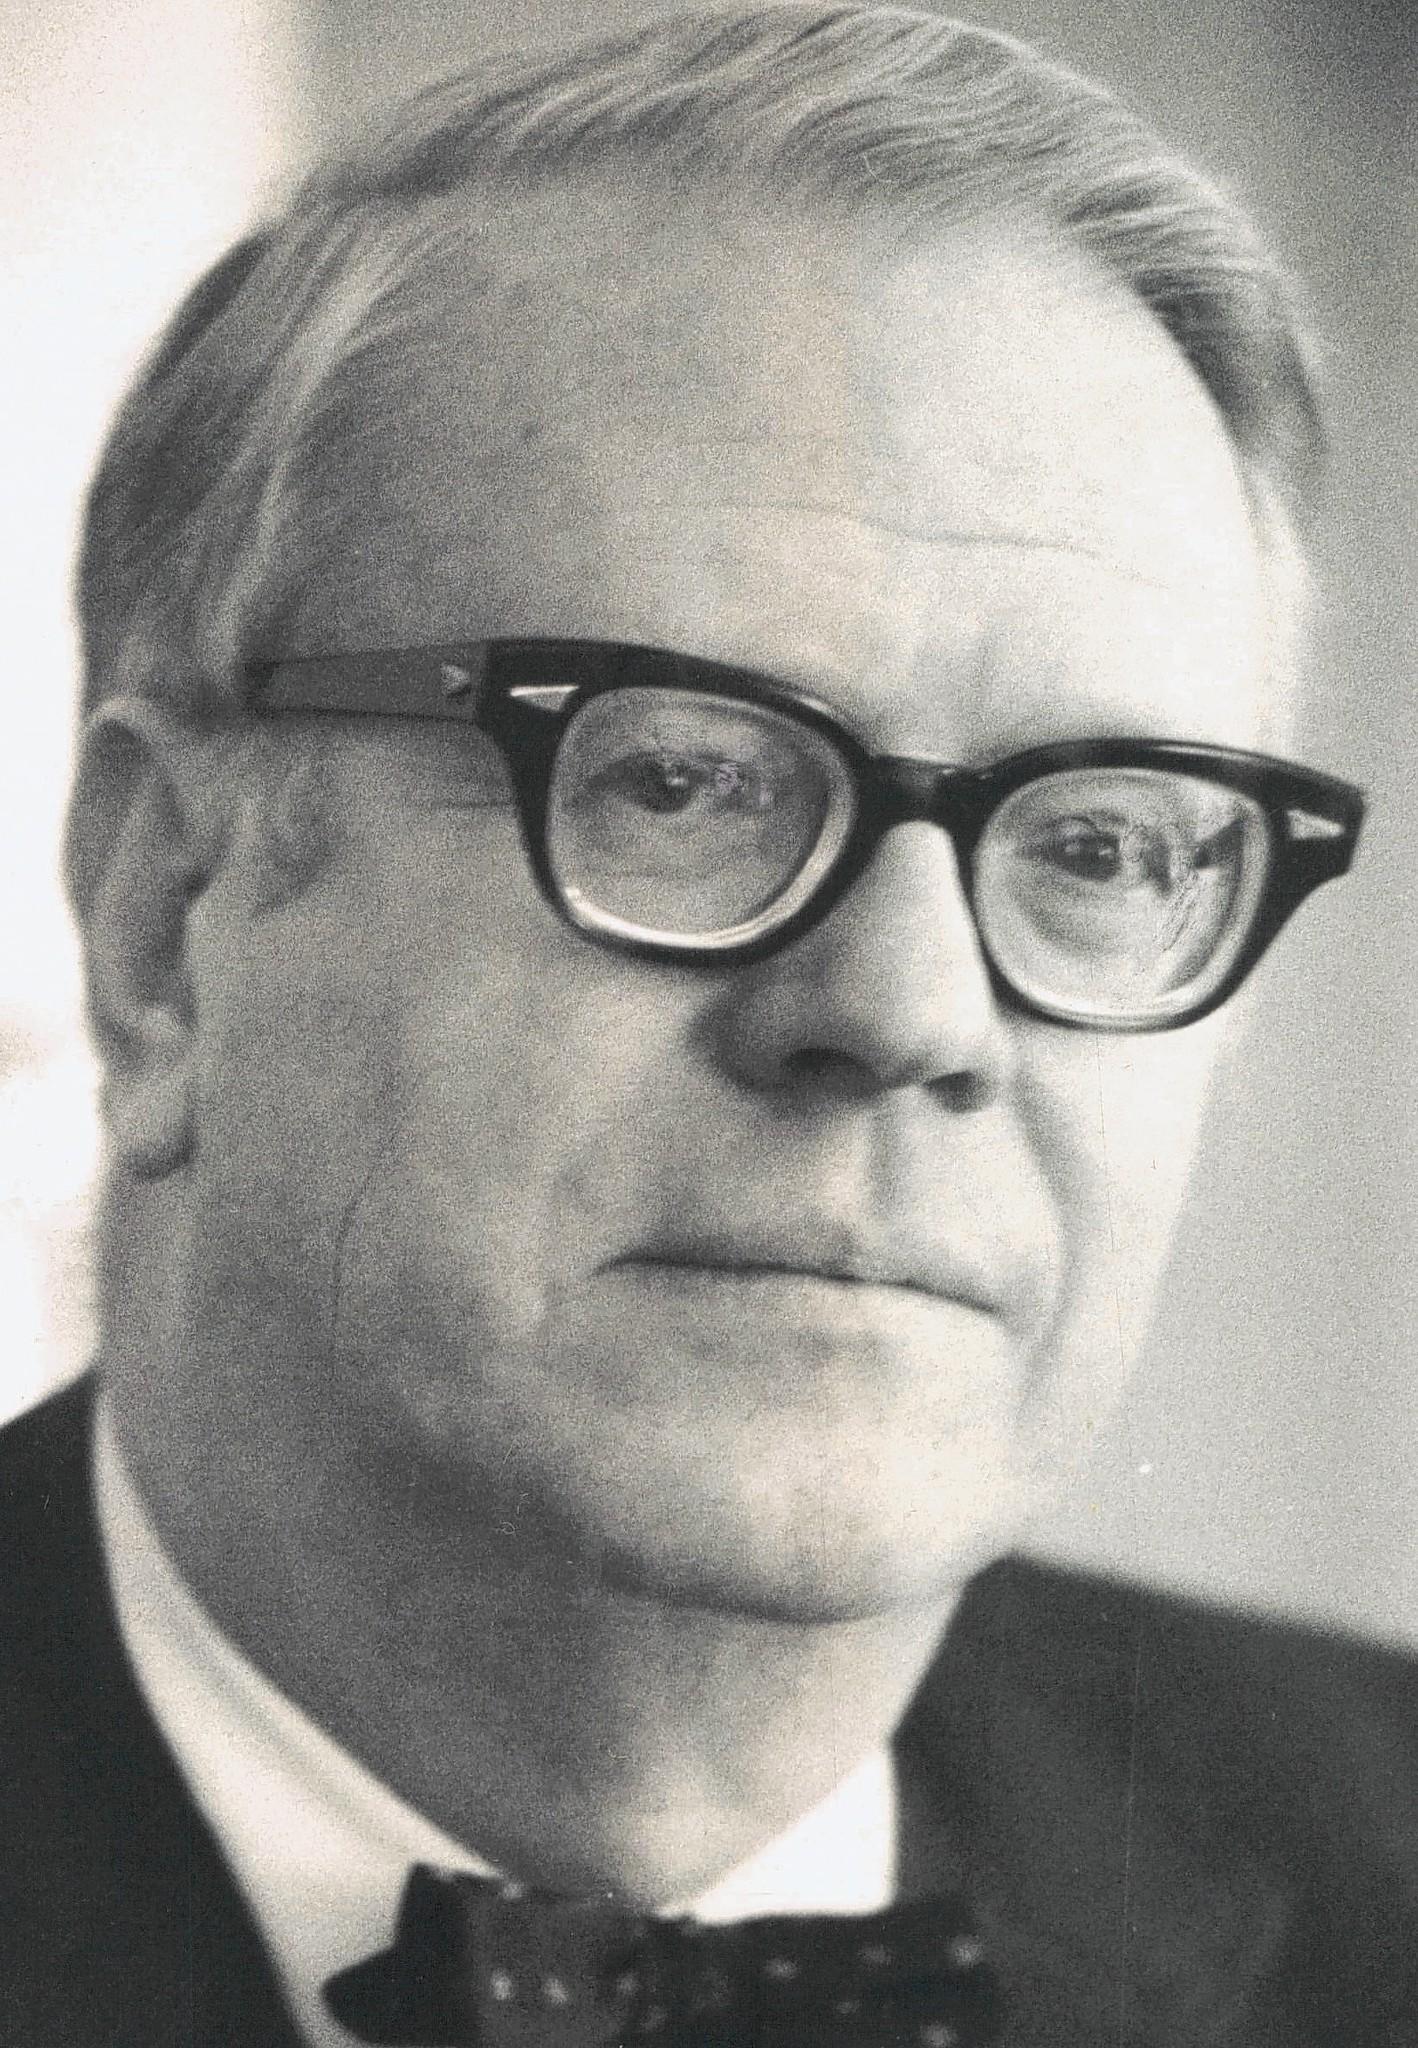 Judge Walter E. Black